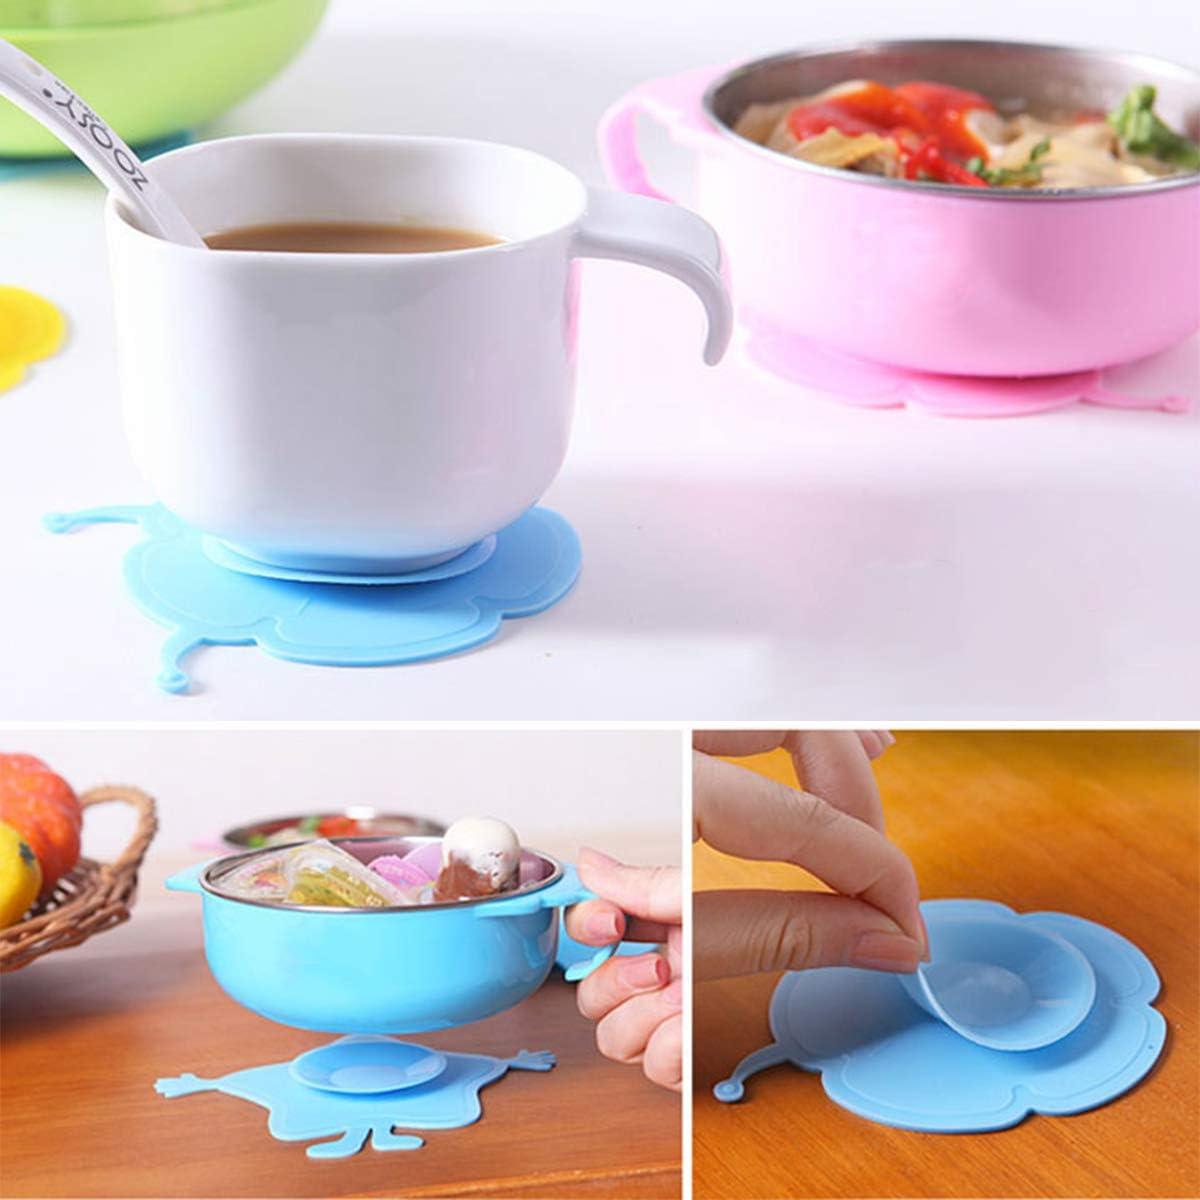 escargot bleu et fleur bleue BESTONZON 2 pcs b/éb/é bol ventouse tapis daspiration pour enfants en bas /âge enfants de la vaisselle ventouse ventouse double face